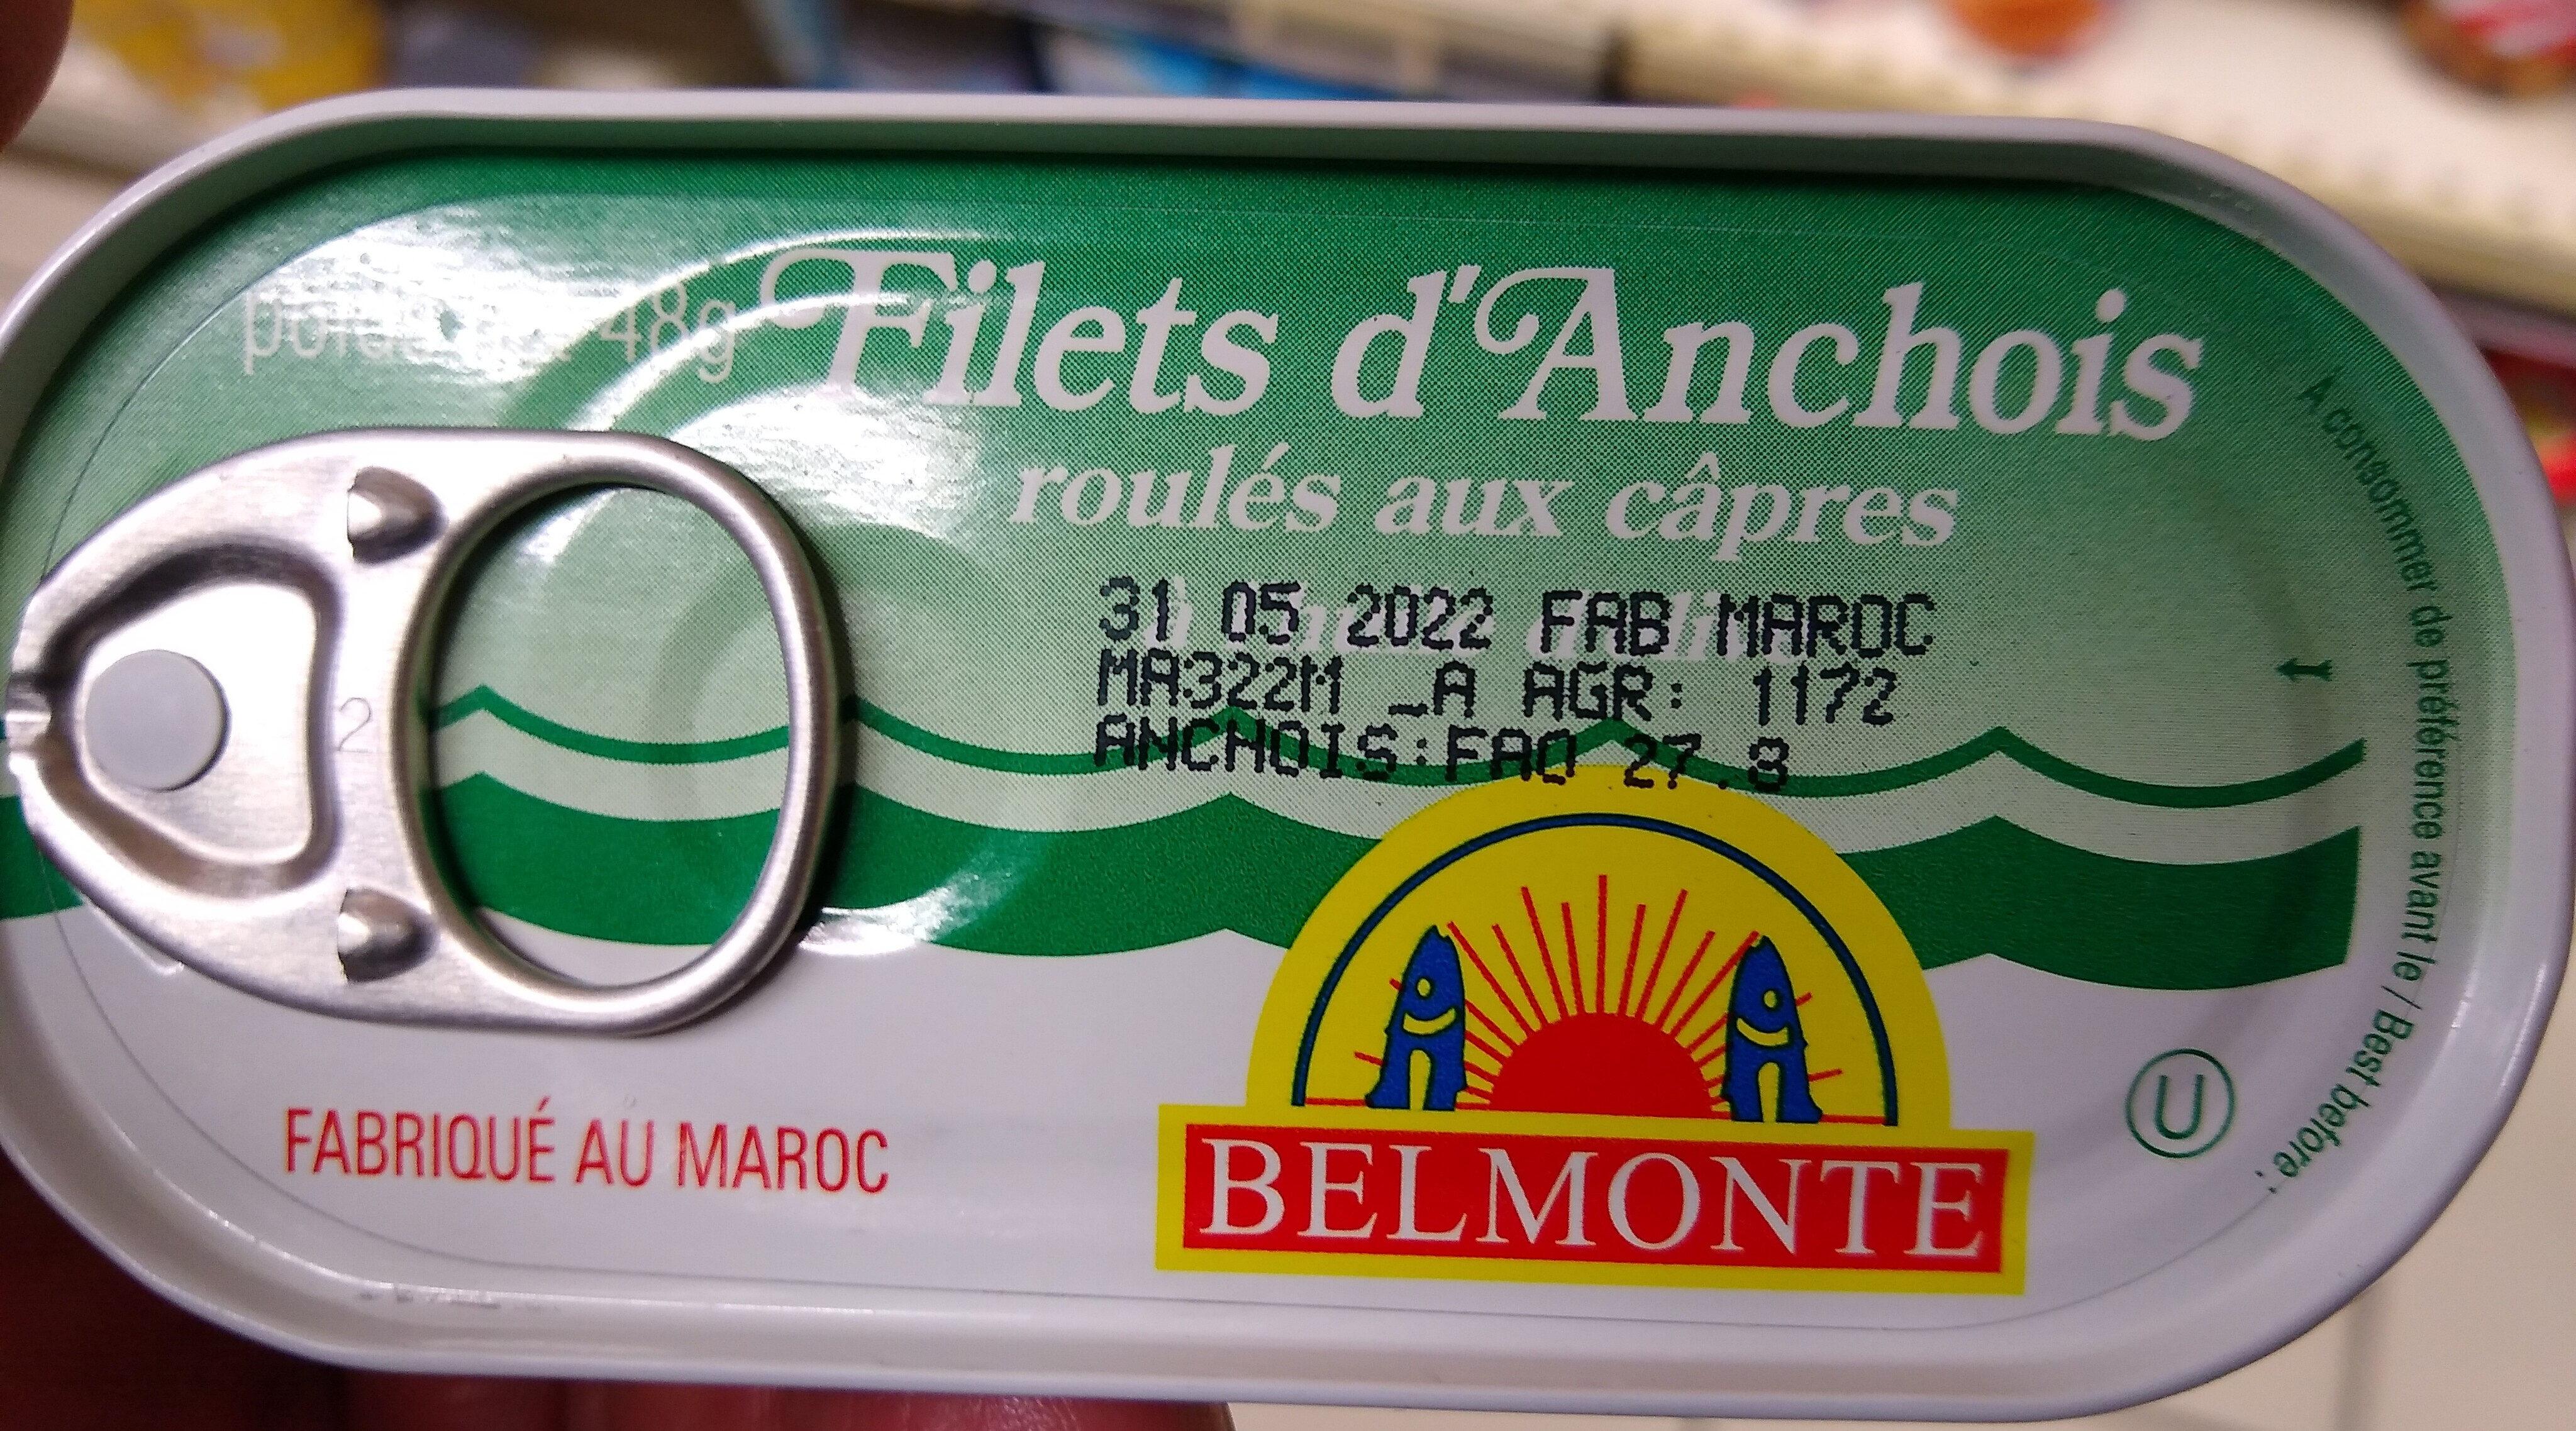 Filets d'anchois roulés aux câpres à l'huile d'olive - Produit - fr